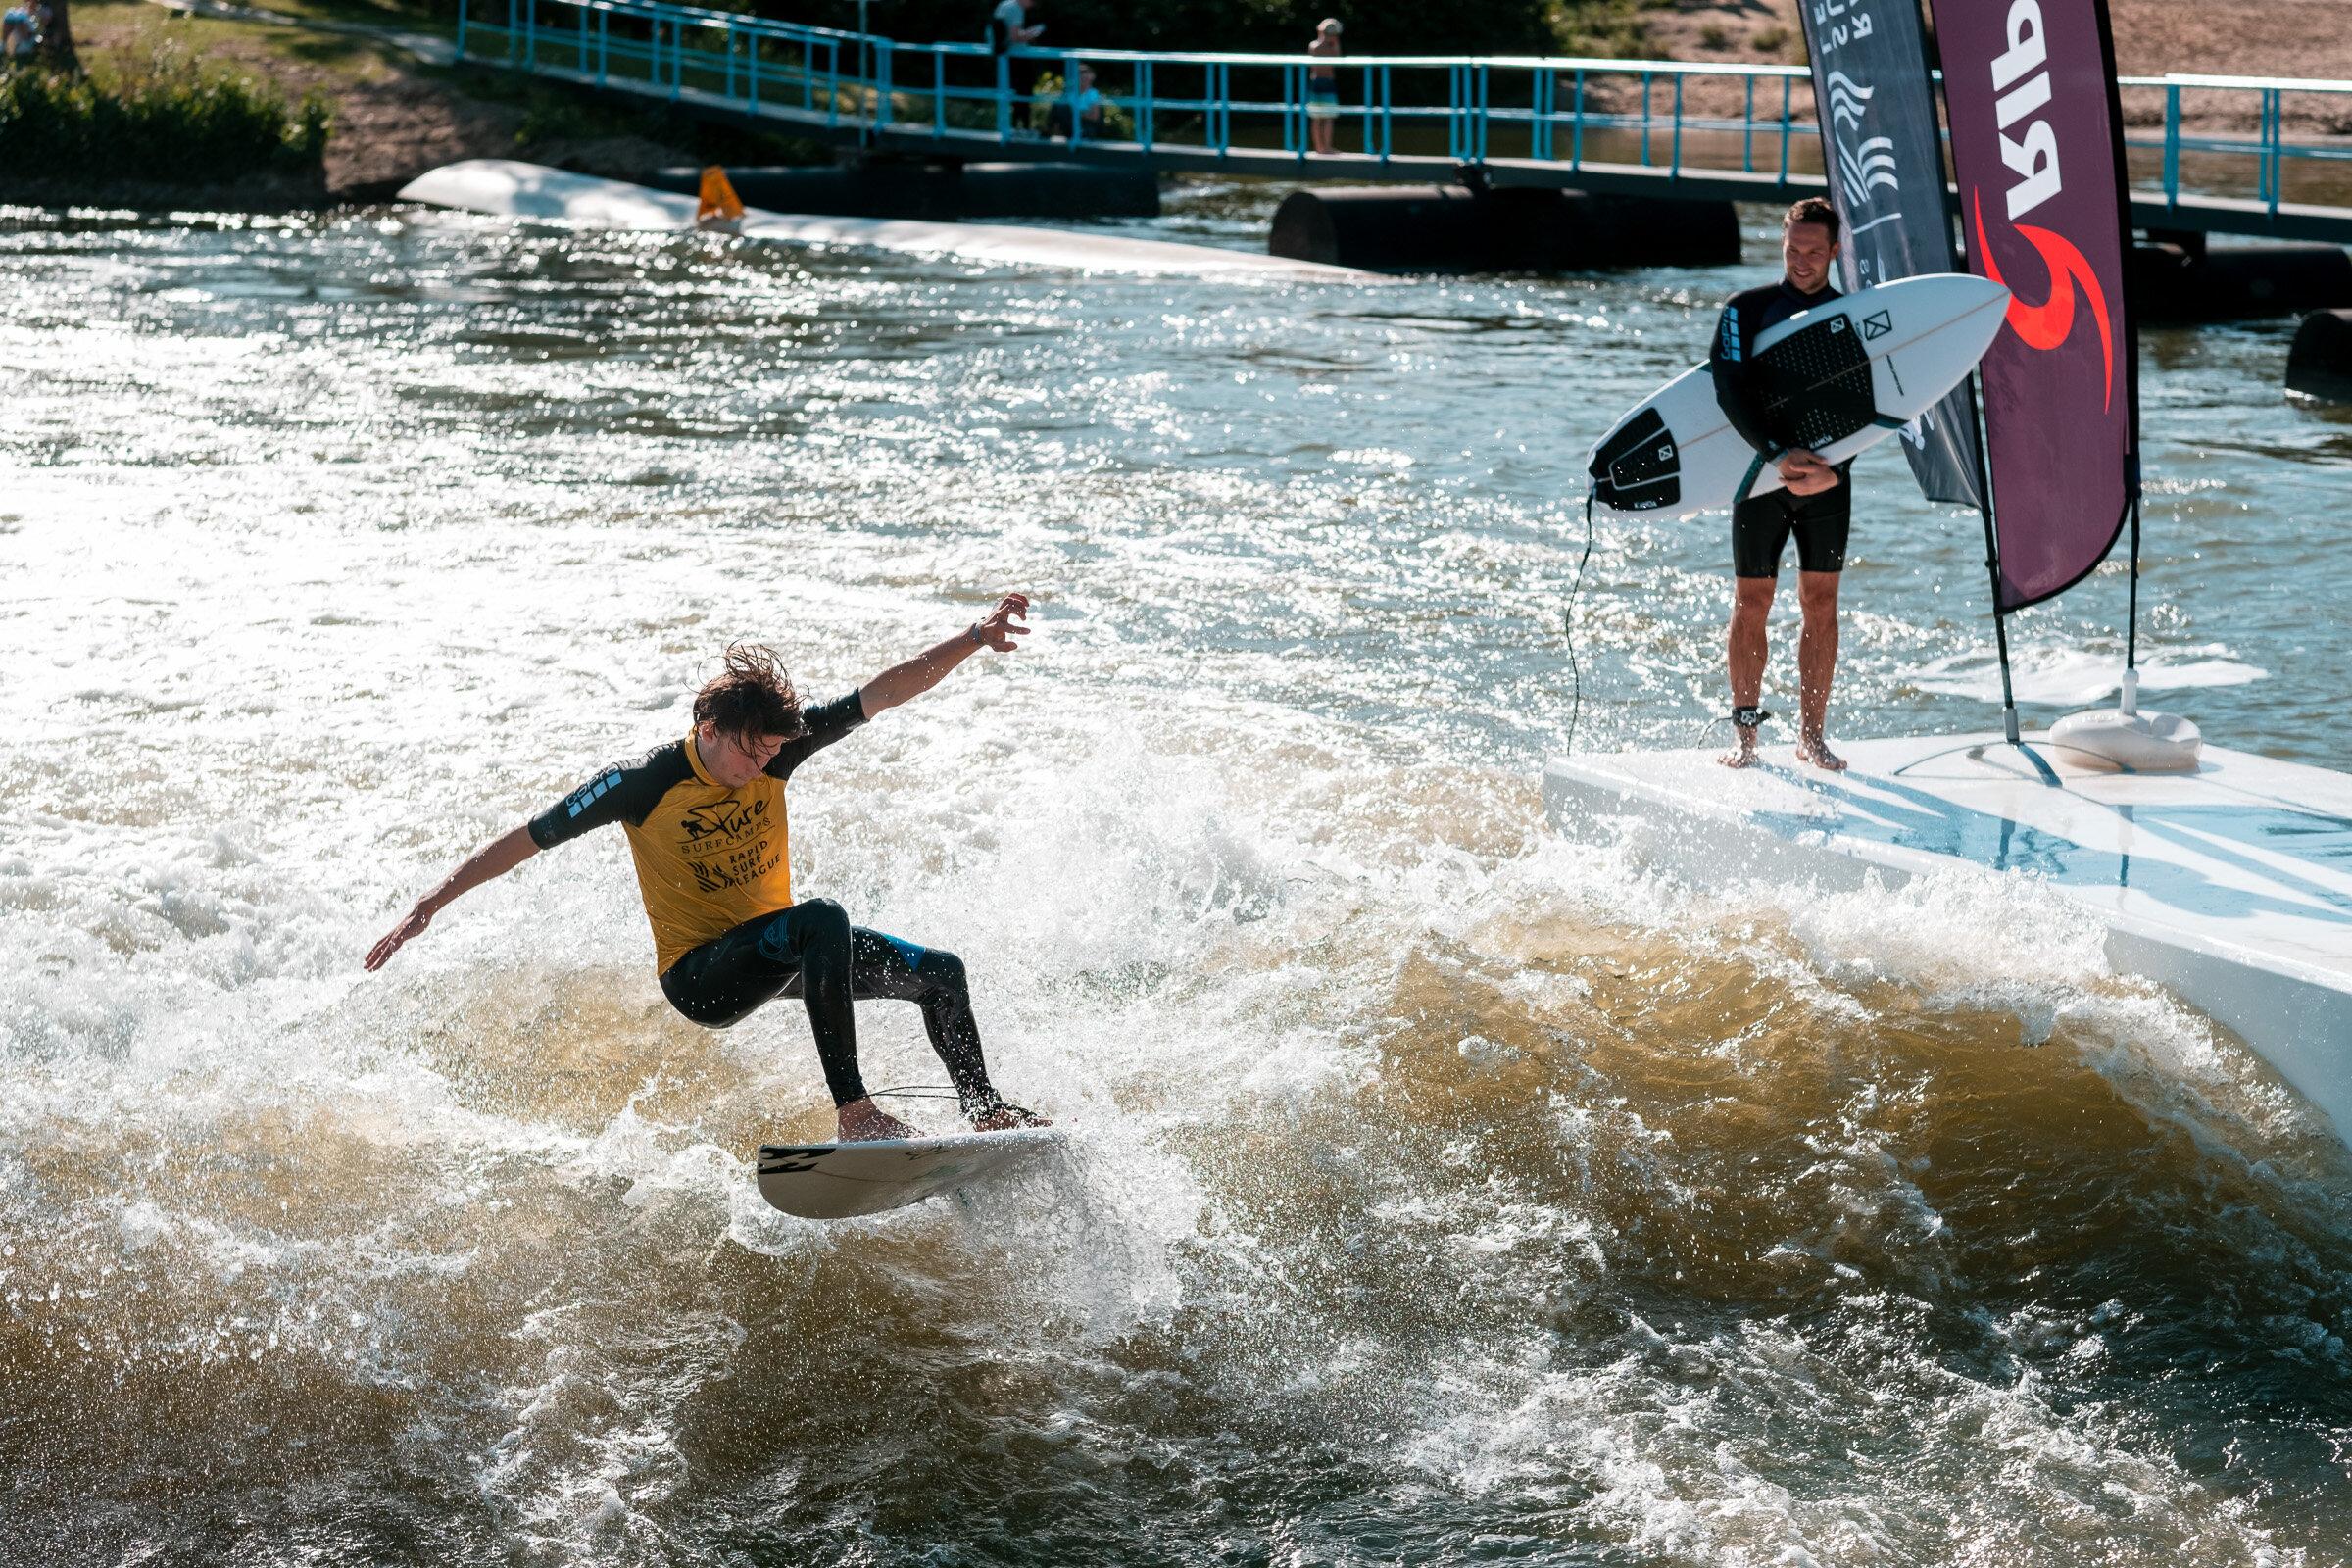 rapid-surf-contest-derKristof-245.jpg